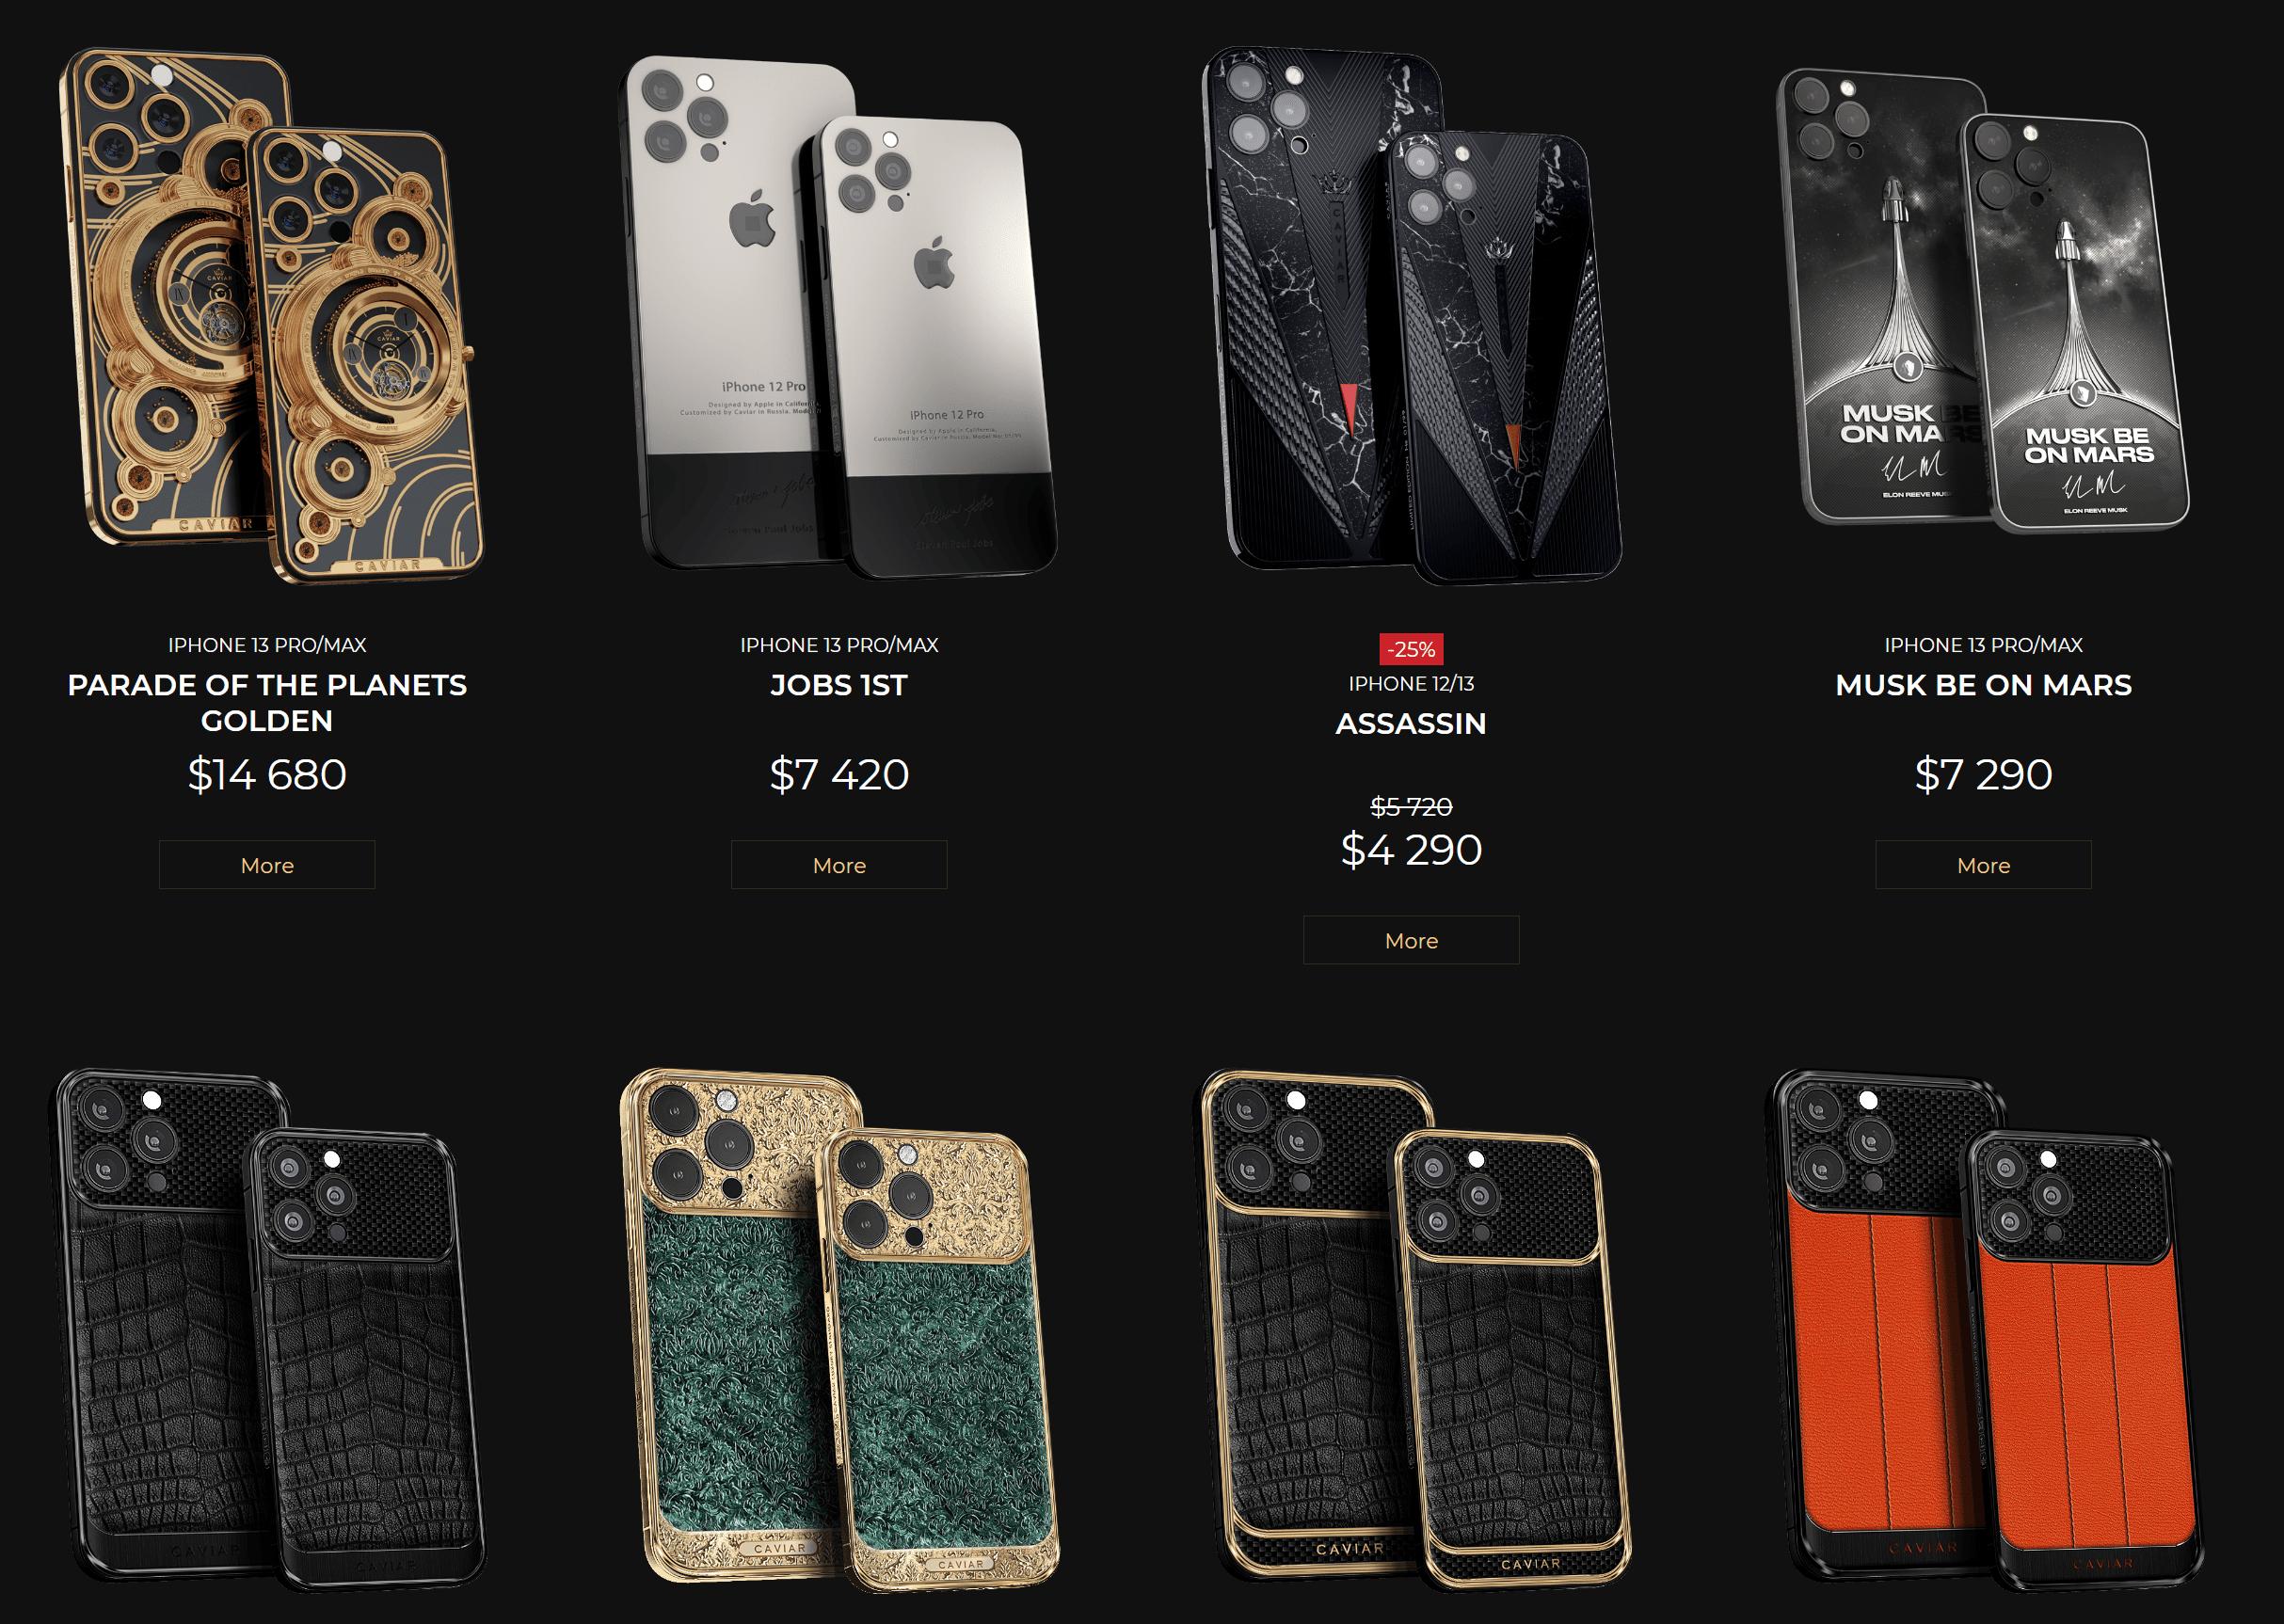 售价28万元!纯金iPhone 13 Pro来了:就是有点重